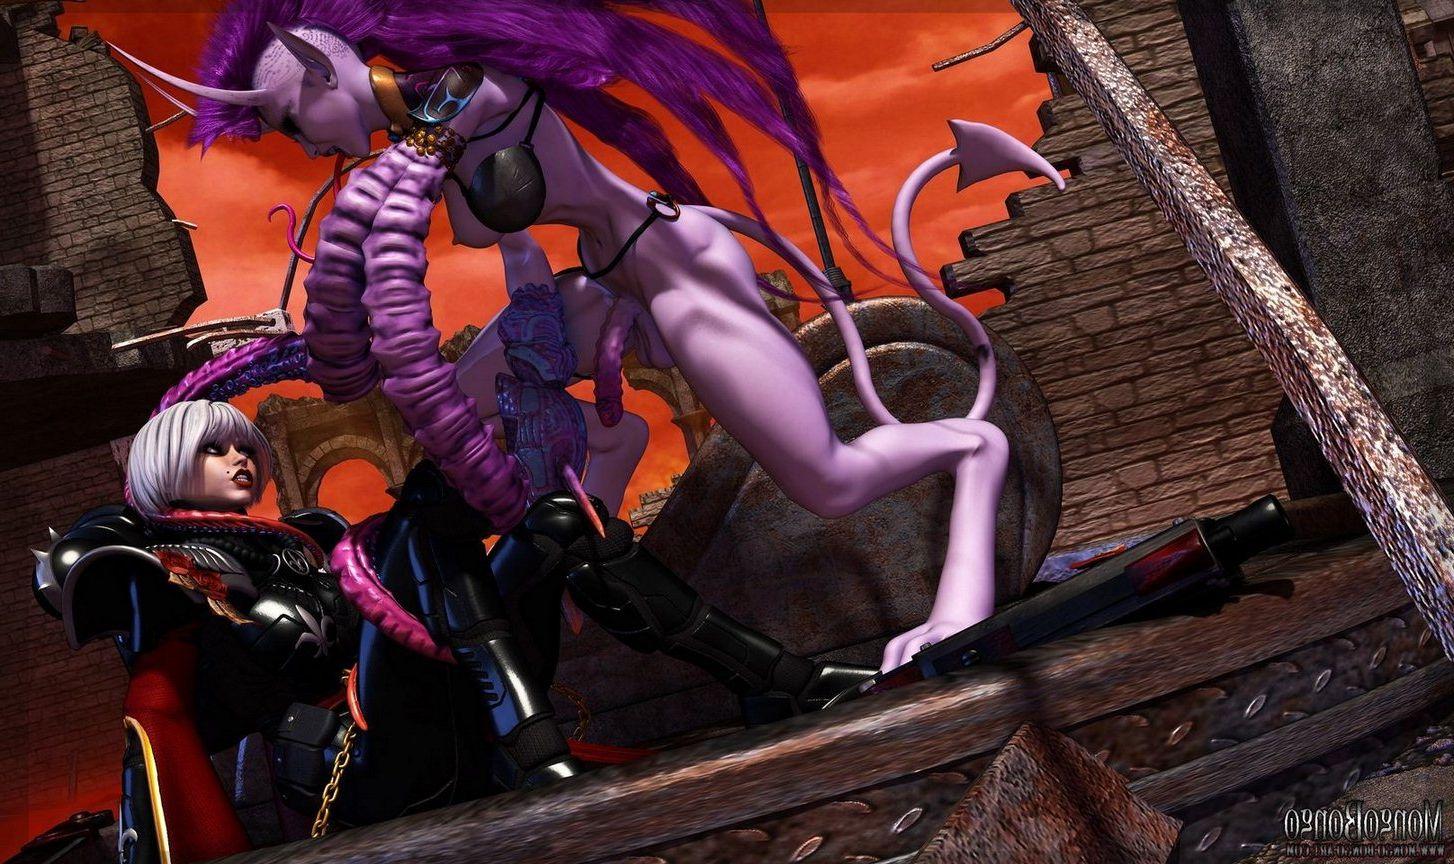 battle-sister-daemonette image_22371.jpg